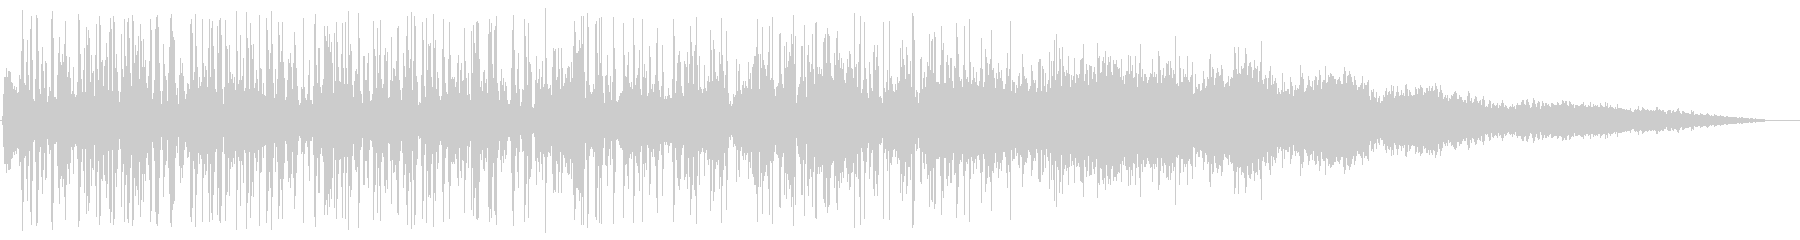 排水溝に吸い込まれる音の未再生の波形